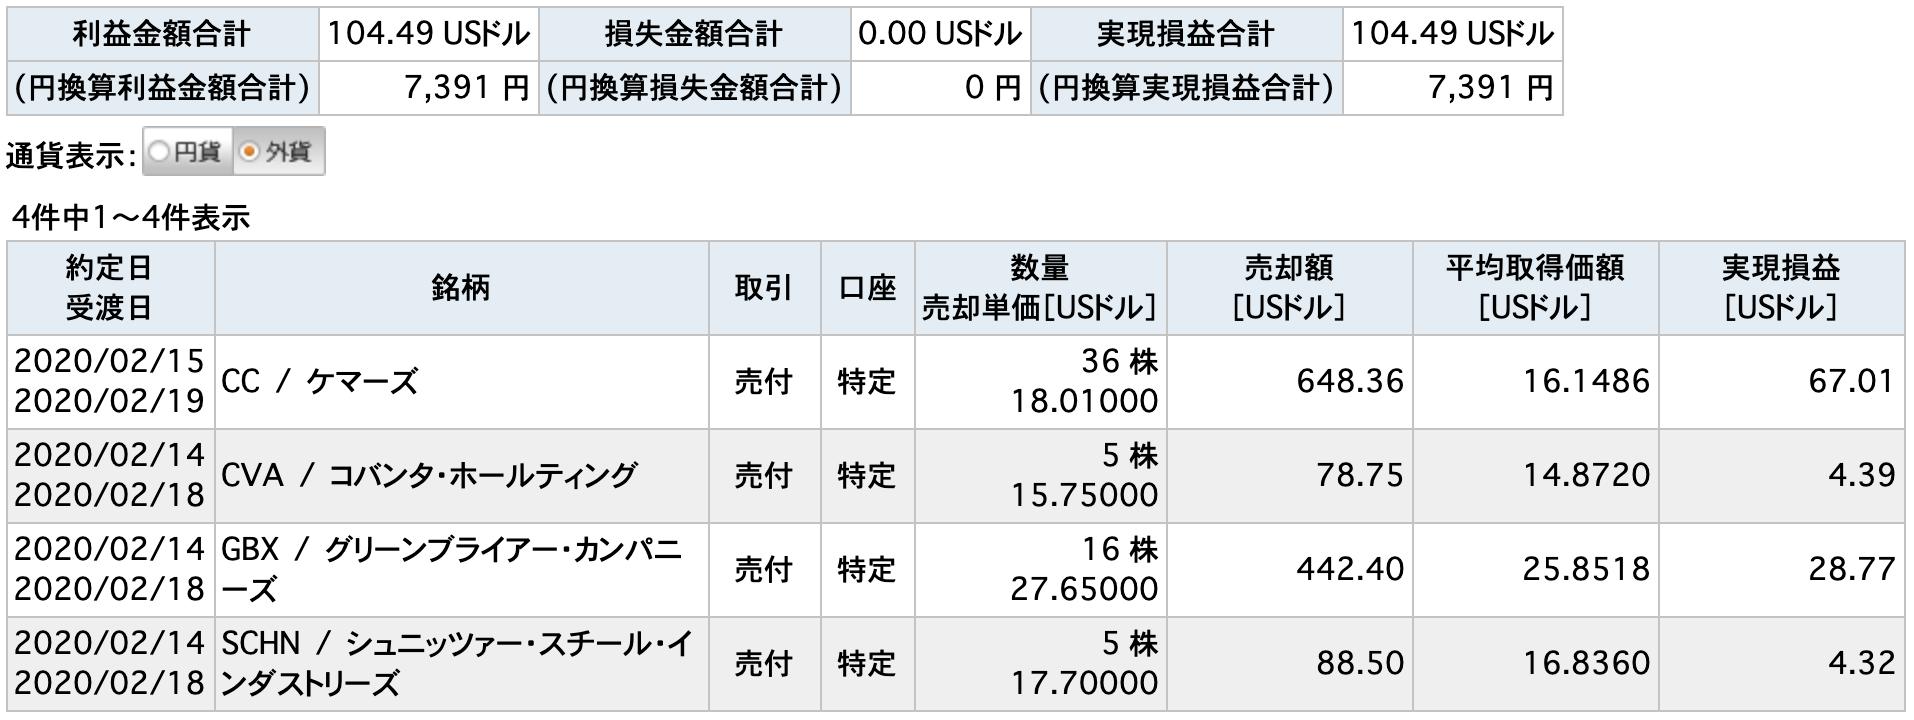 2020/2/14売付米国株取引一覧